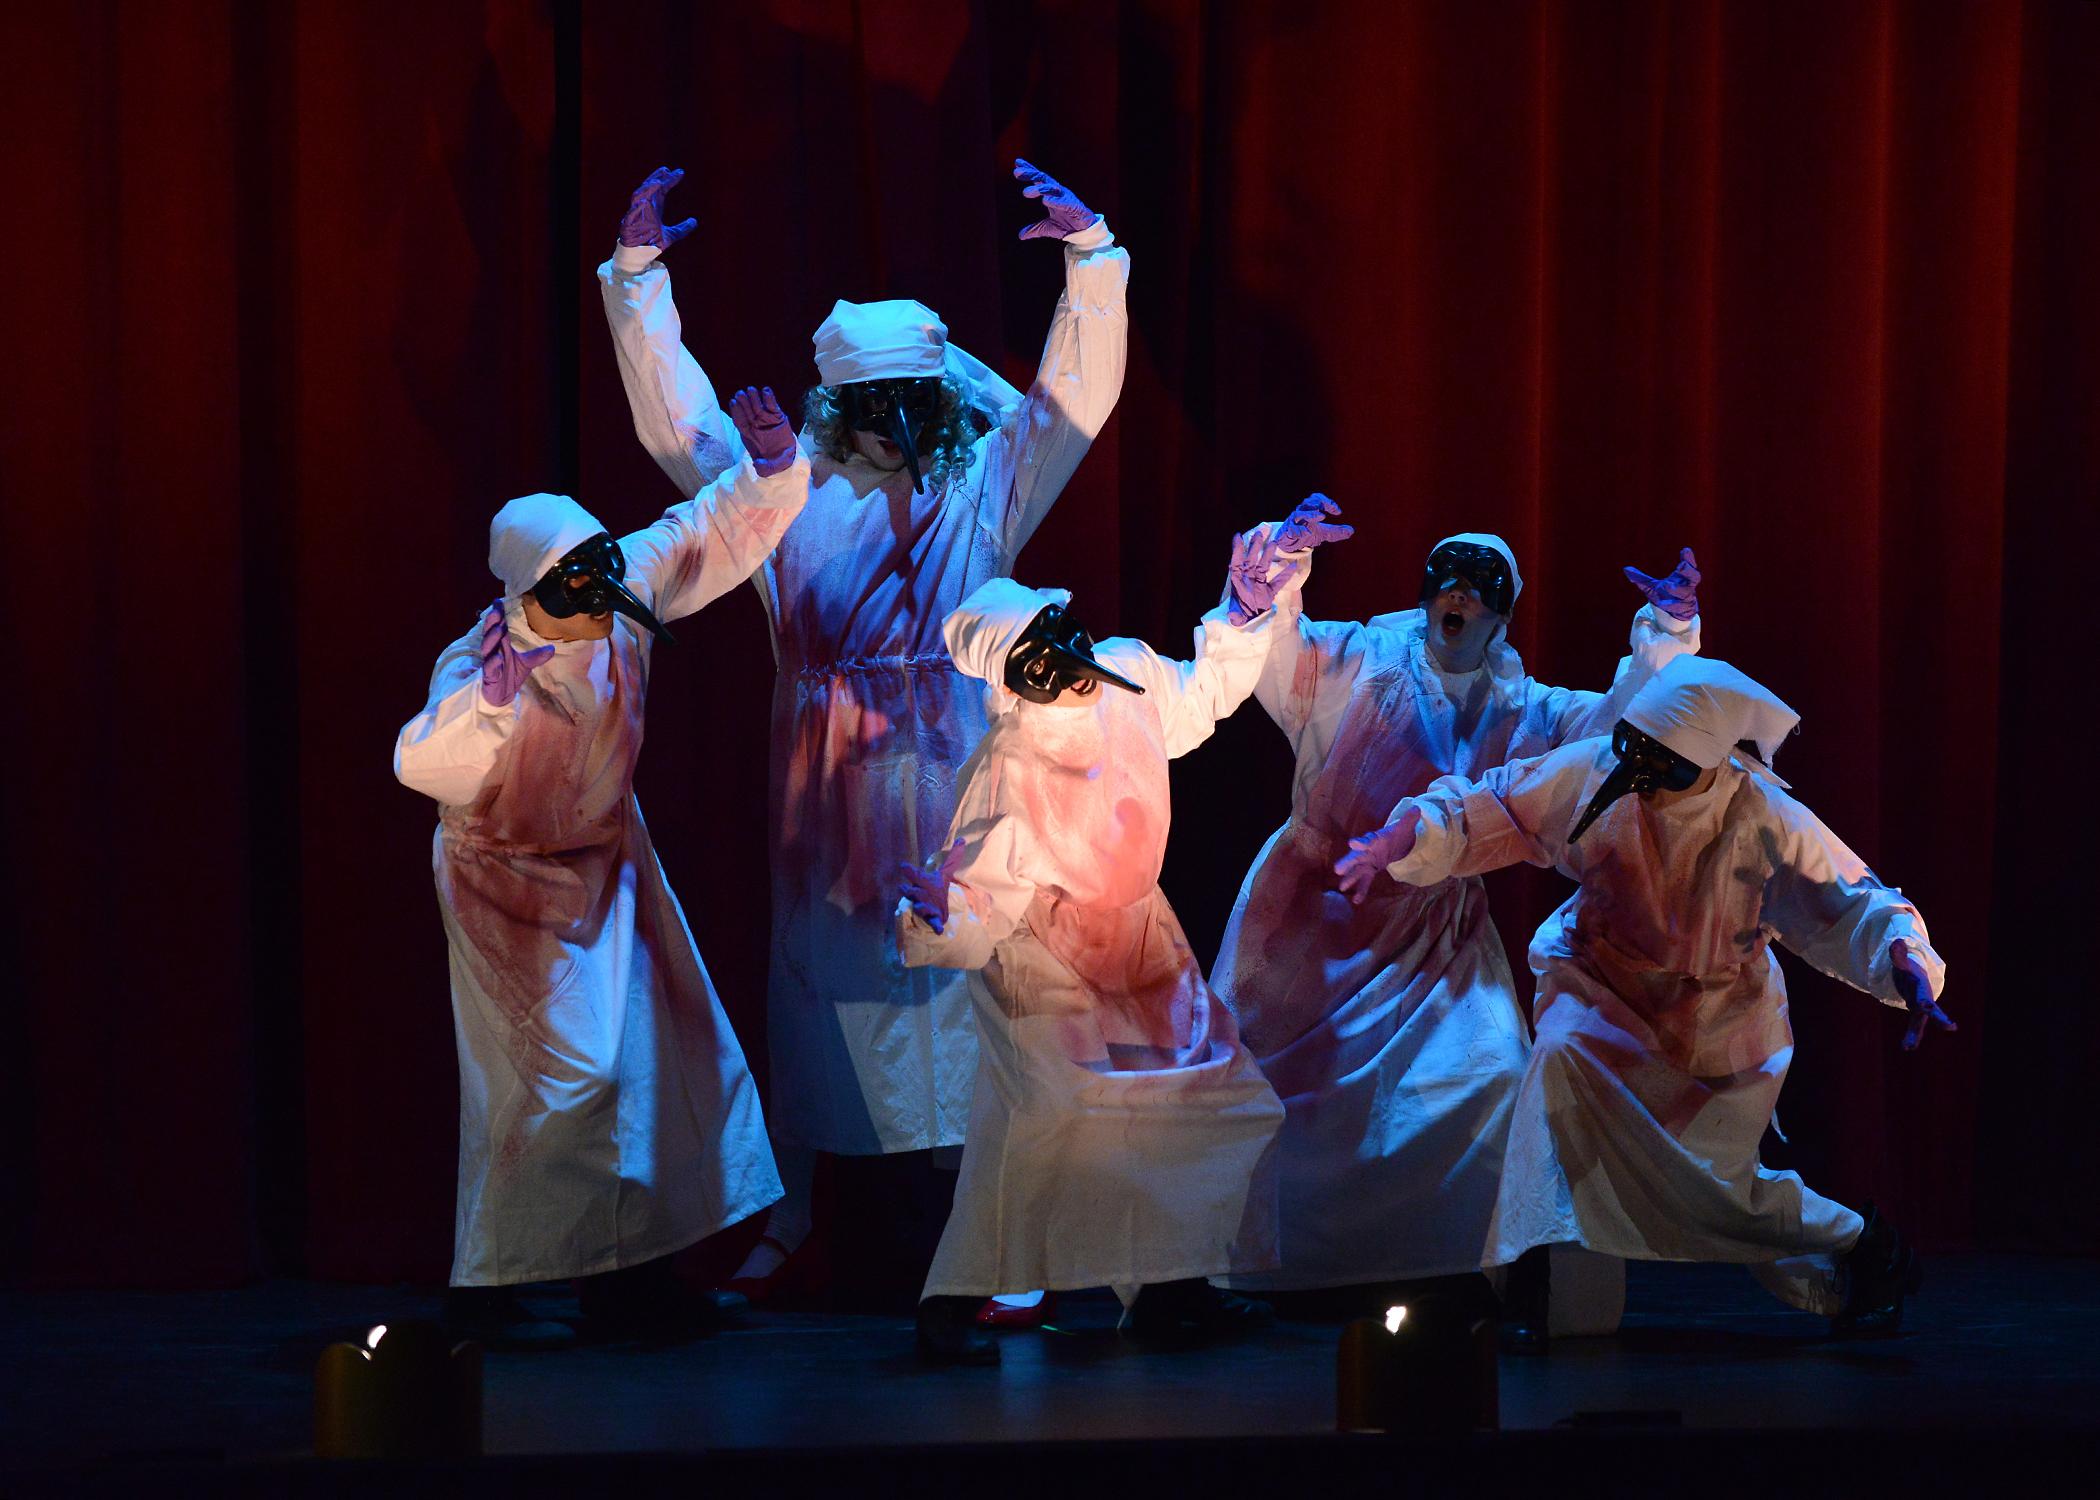 Dance of the Doctors